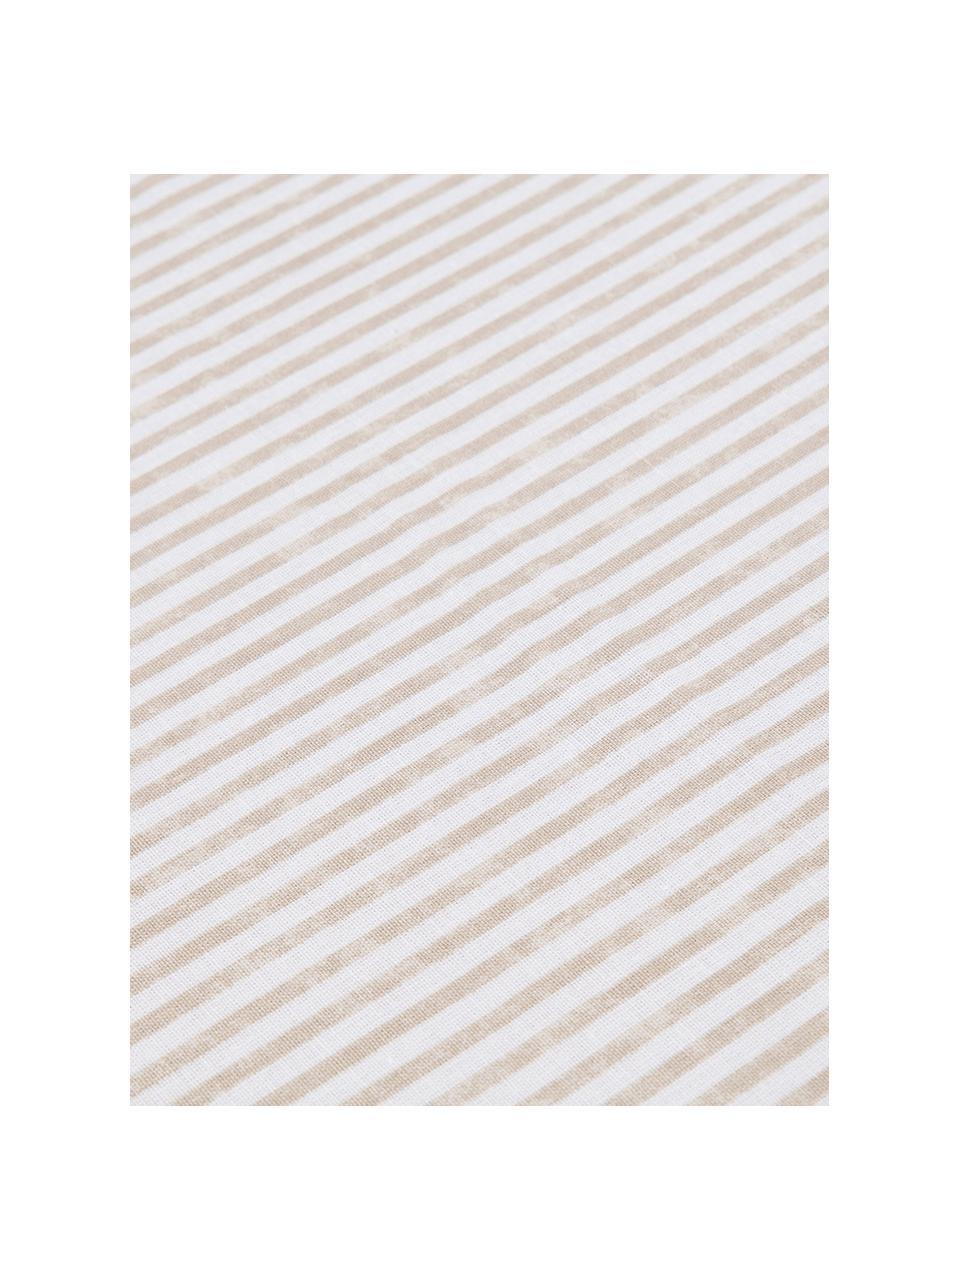 Set lenzuola in cotone Grady, Tessuto: Renforcé Renforcé è reali, Beige, bianco, 290 x 240 cm + 2 federe 50 x 80 + lenzuola 170 x 200 cm